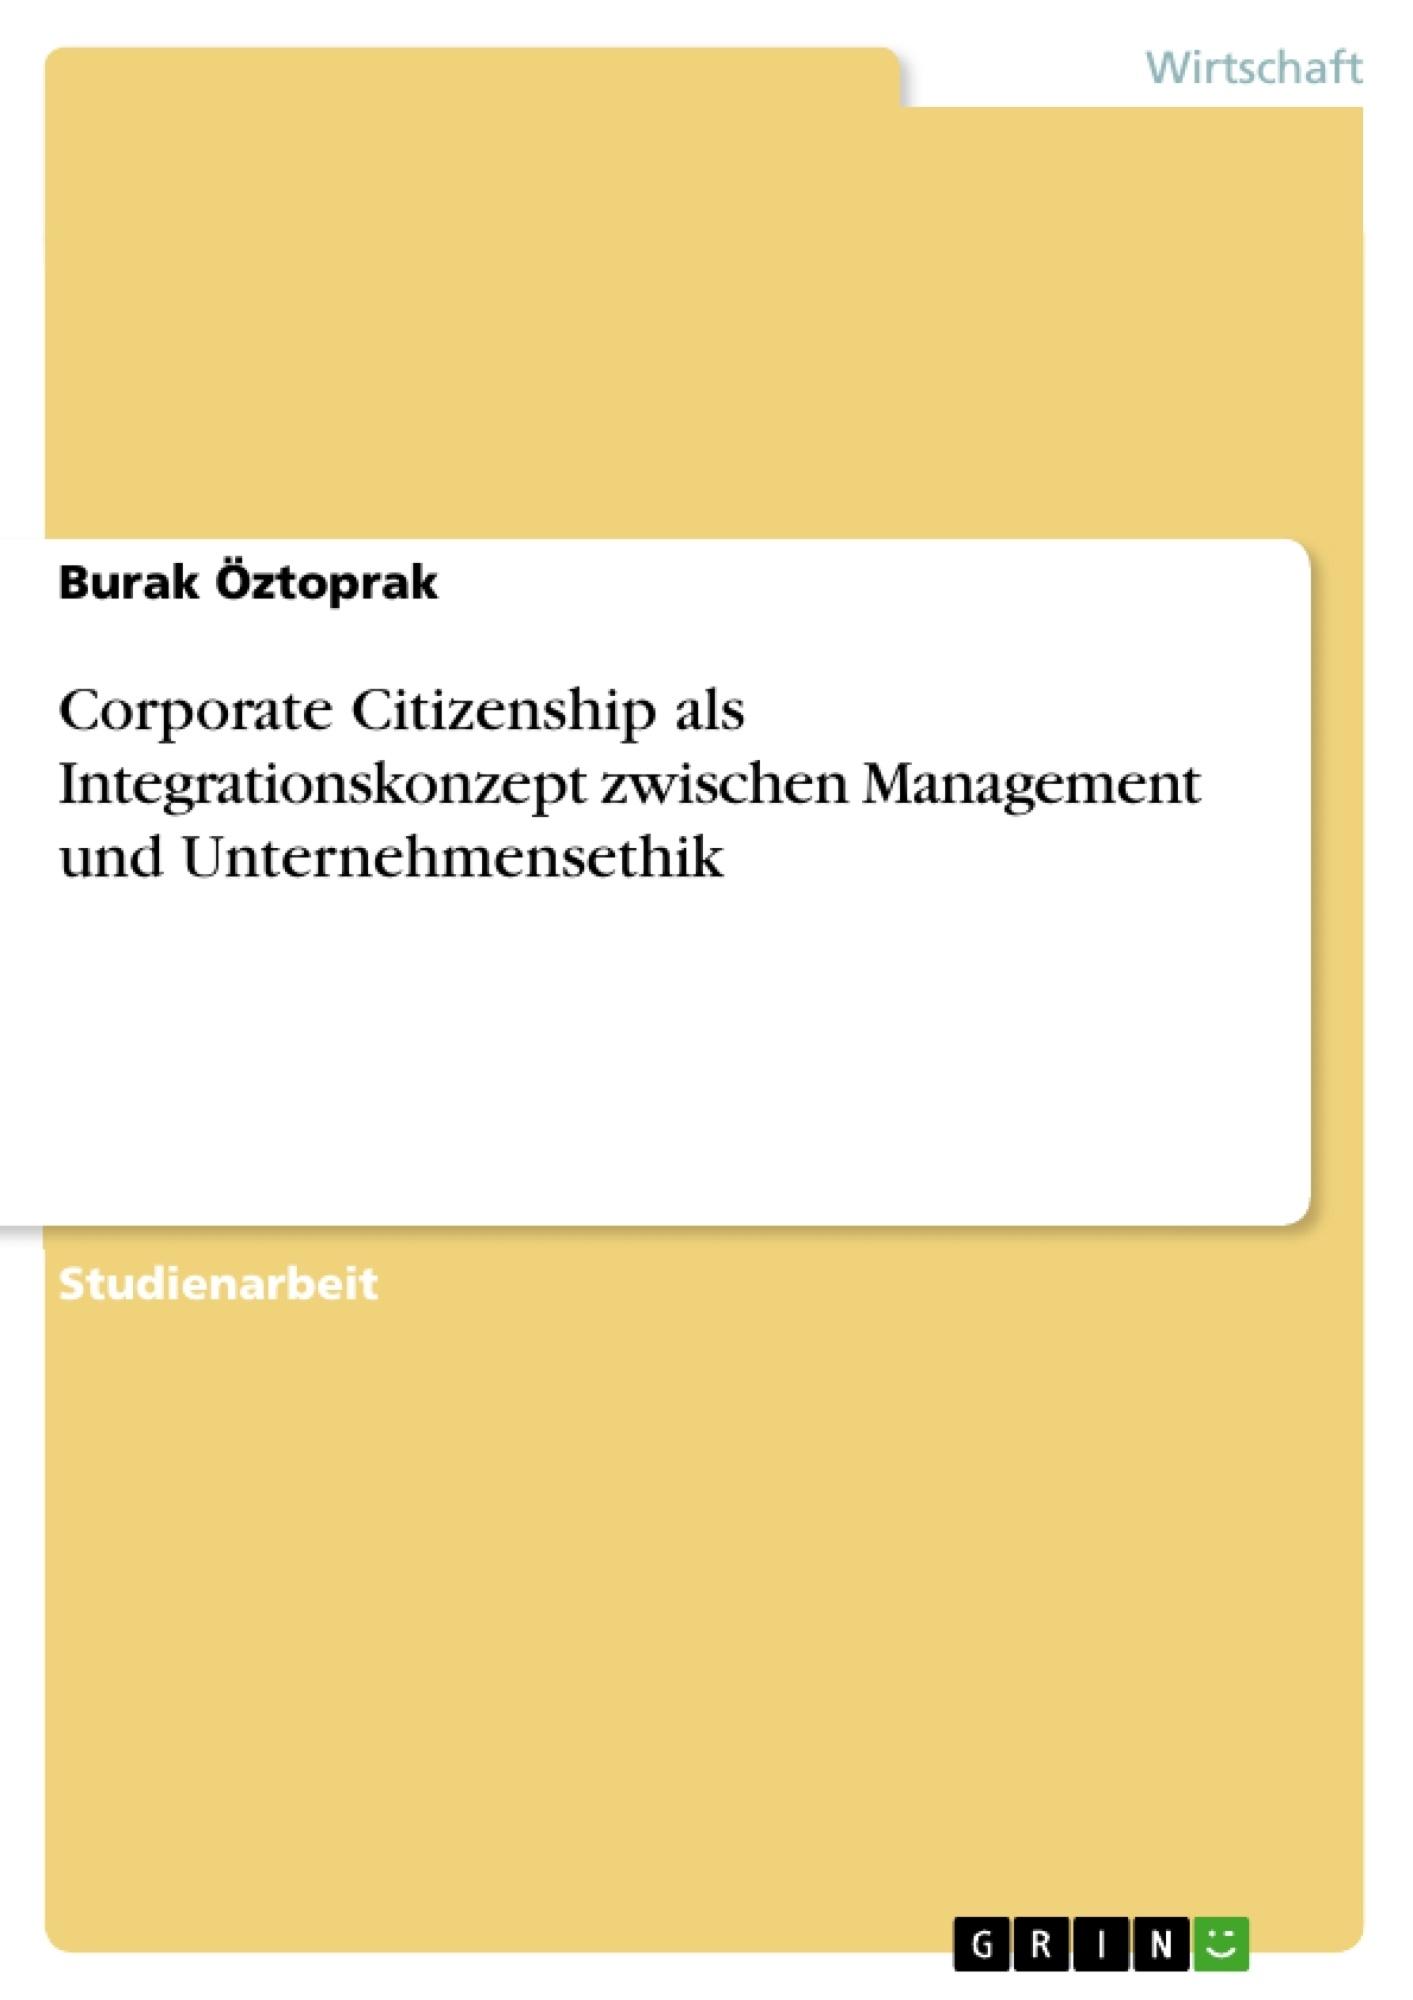 Titel: Corporate Citizenship als Integrationskonzept zwischen Management und Unternehmensethik